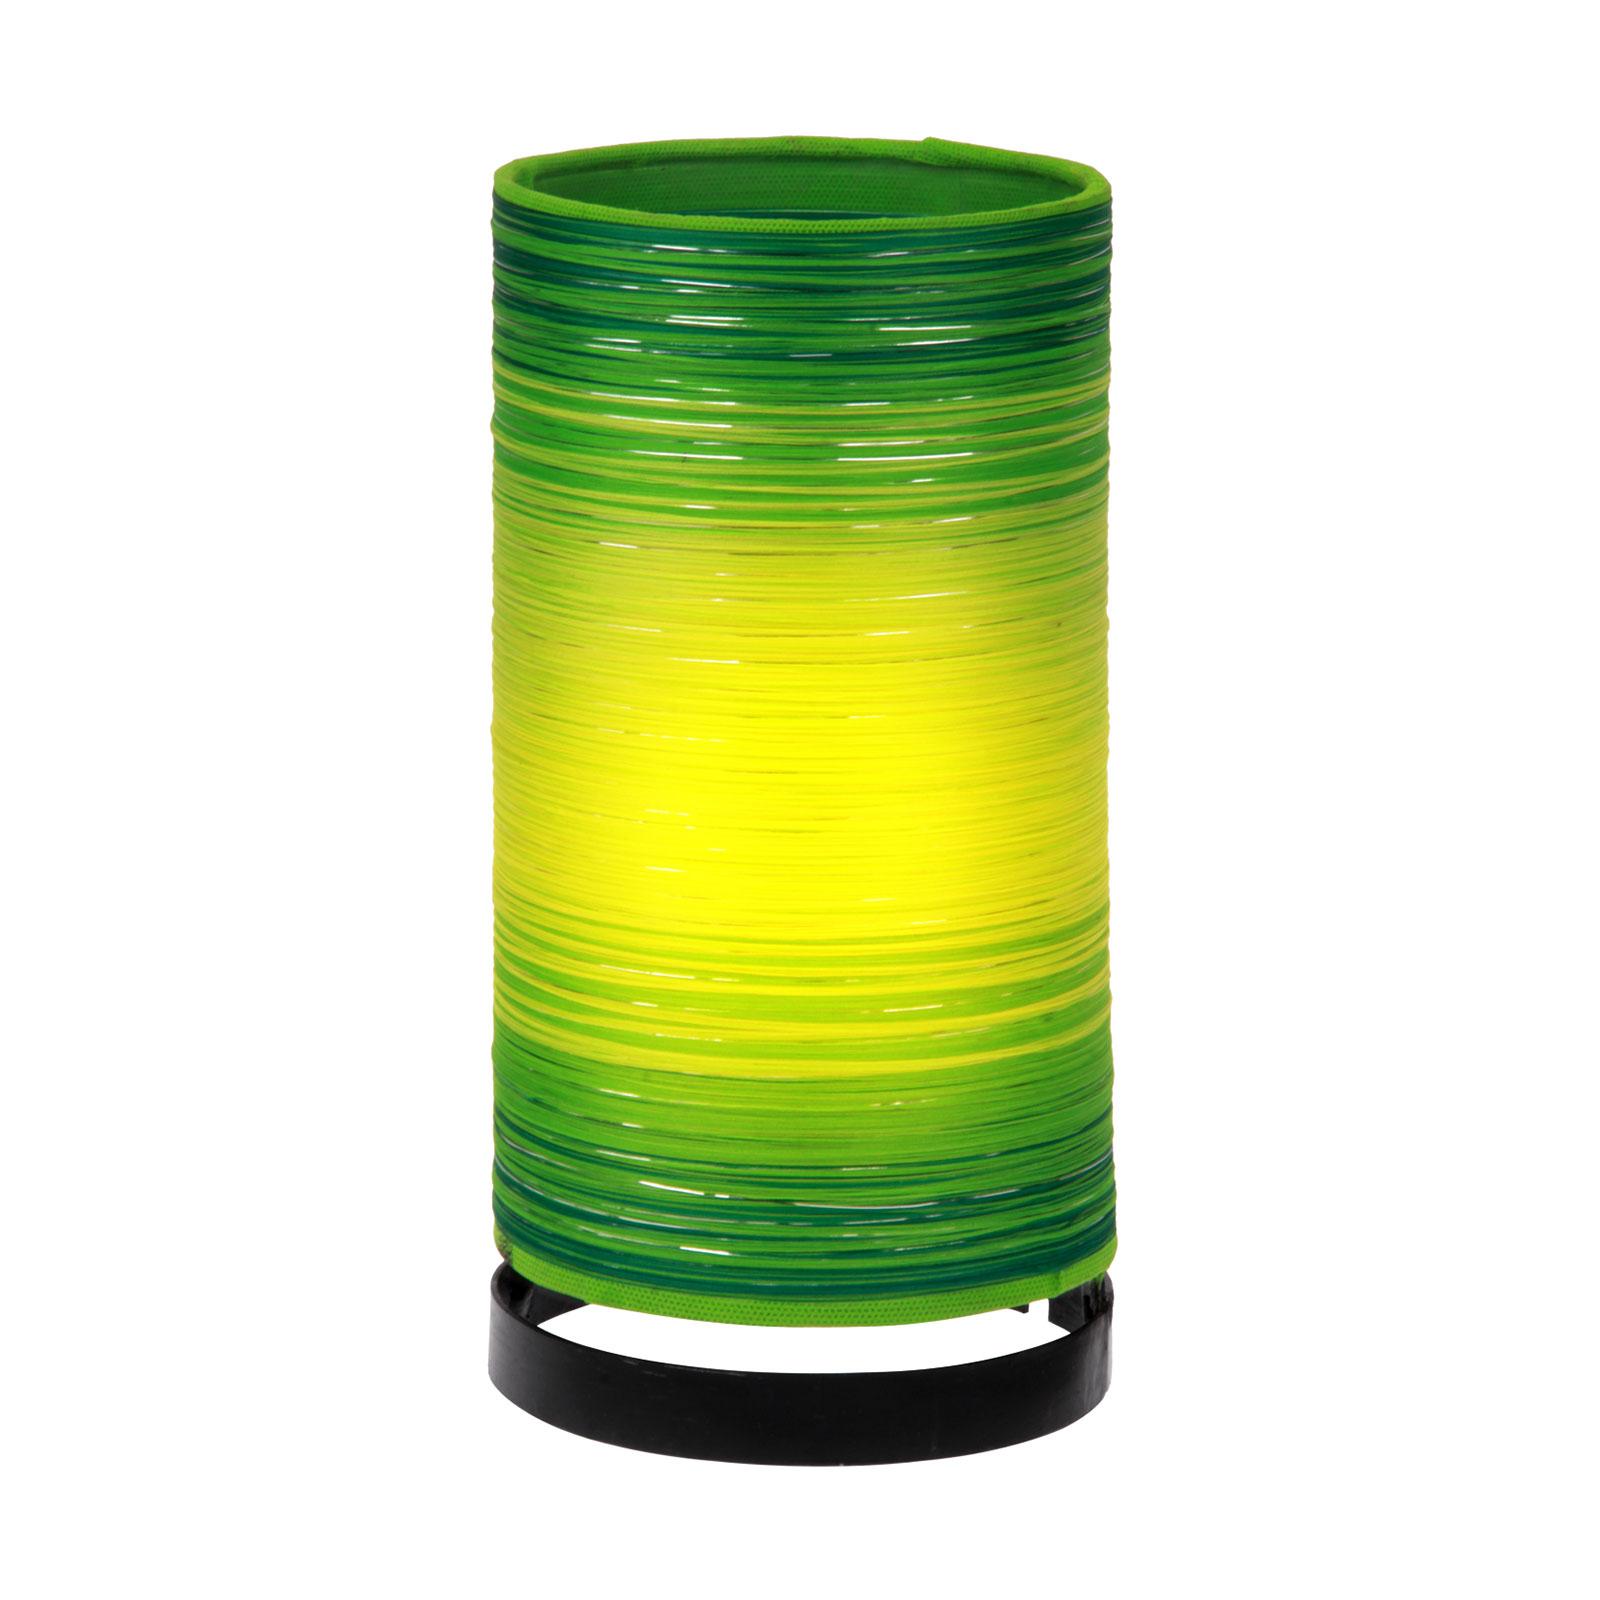 Tafellamp Julie met draad omwikkeld, groen